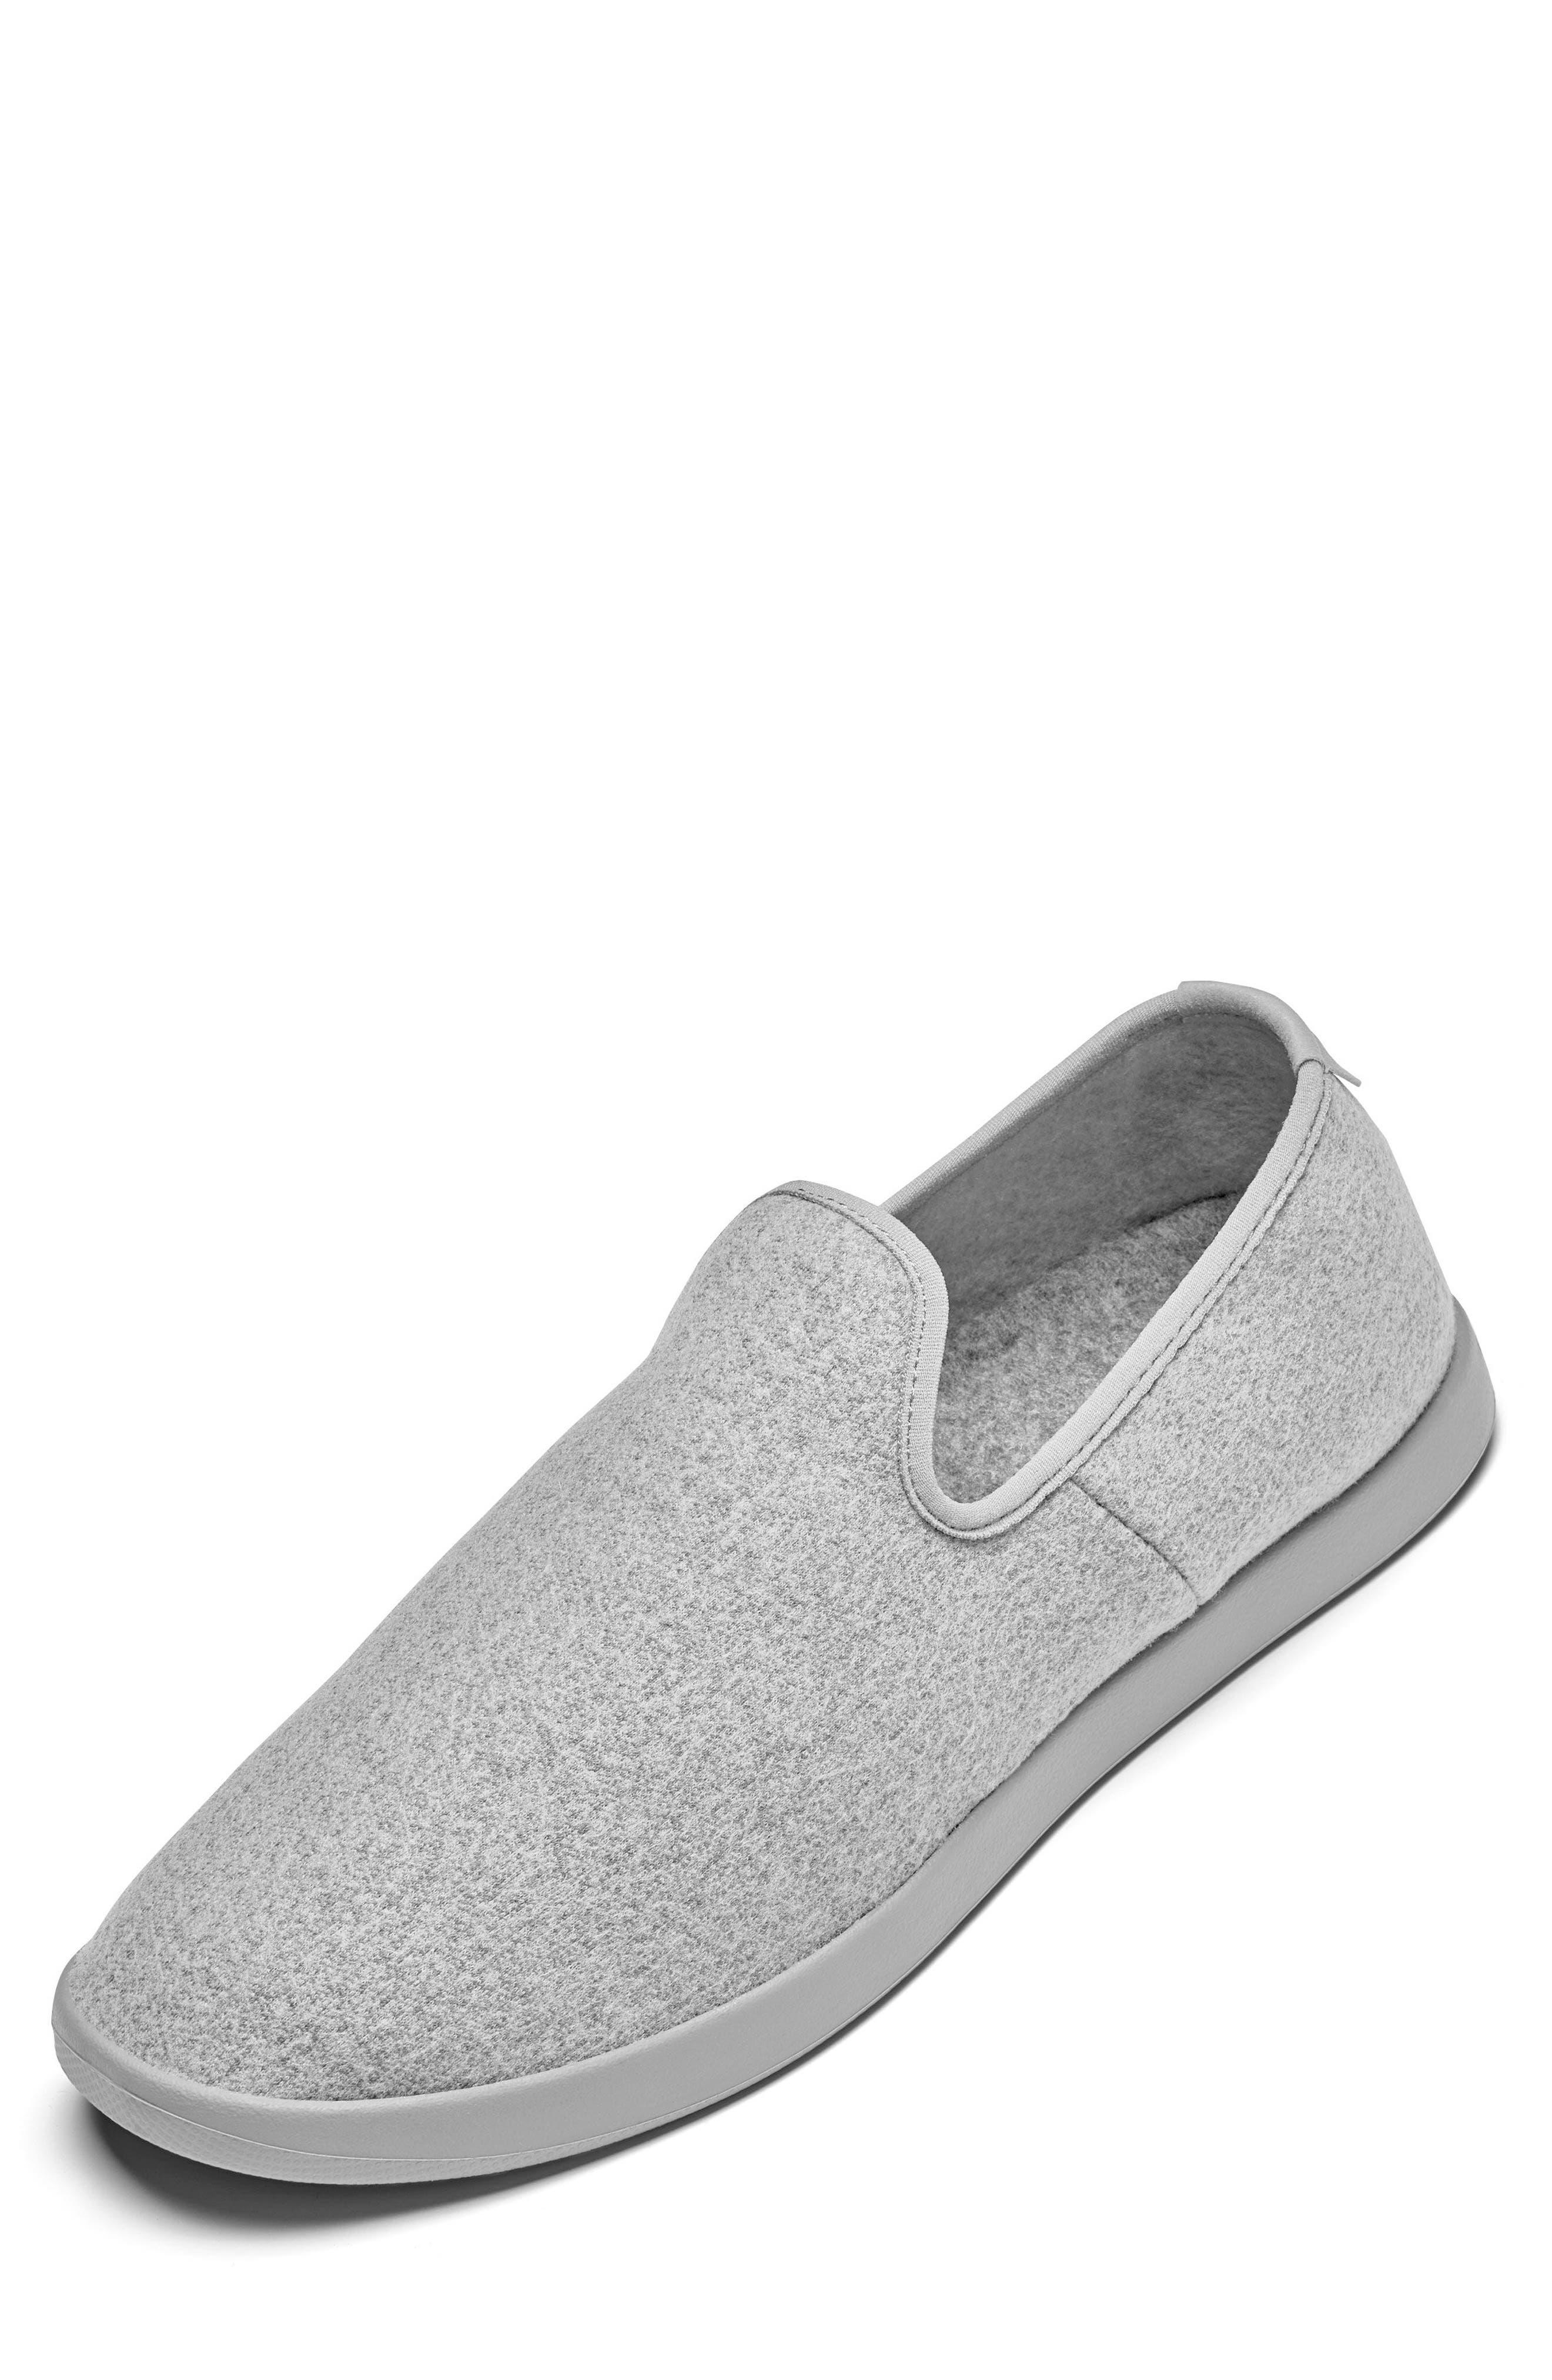 Wool Lounger,                             Main thumbnail 1, color,                             Sf Grey